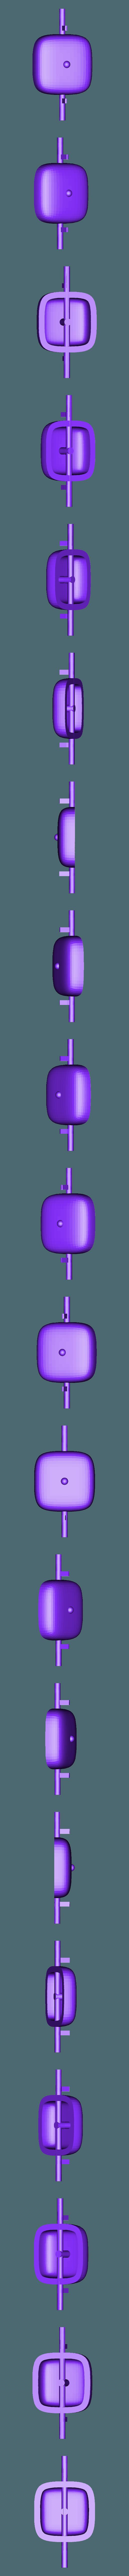 Gondola Top.stl Télécharger fichier STL La grande roue • Plan pour imprimante 3D, Janis_Bruchwalski